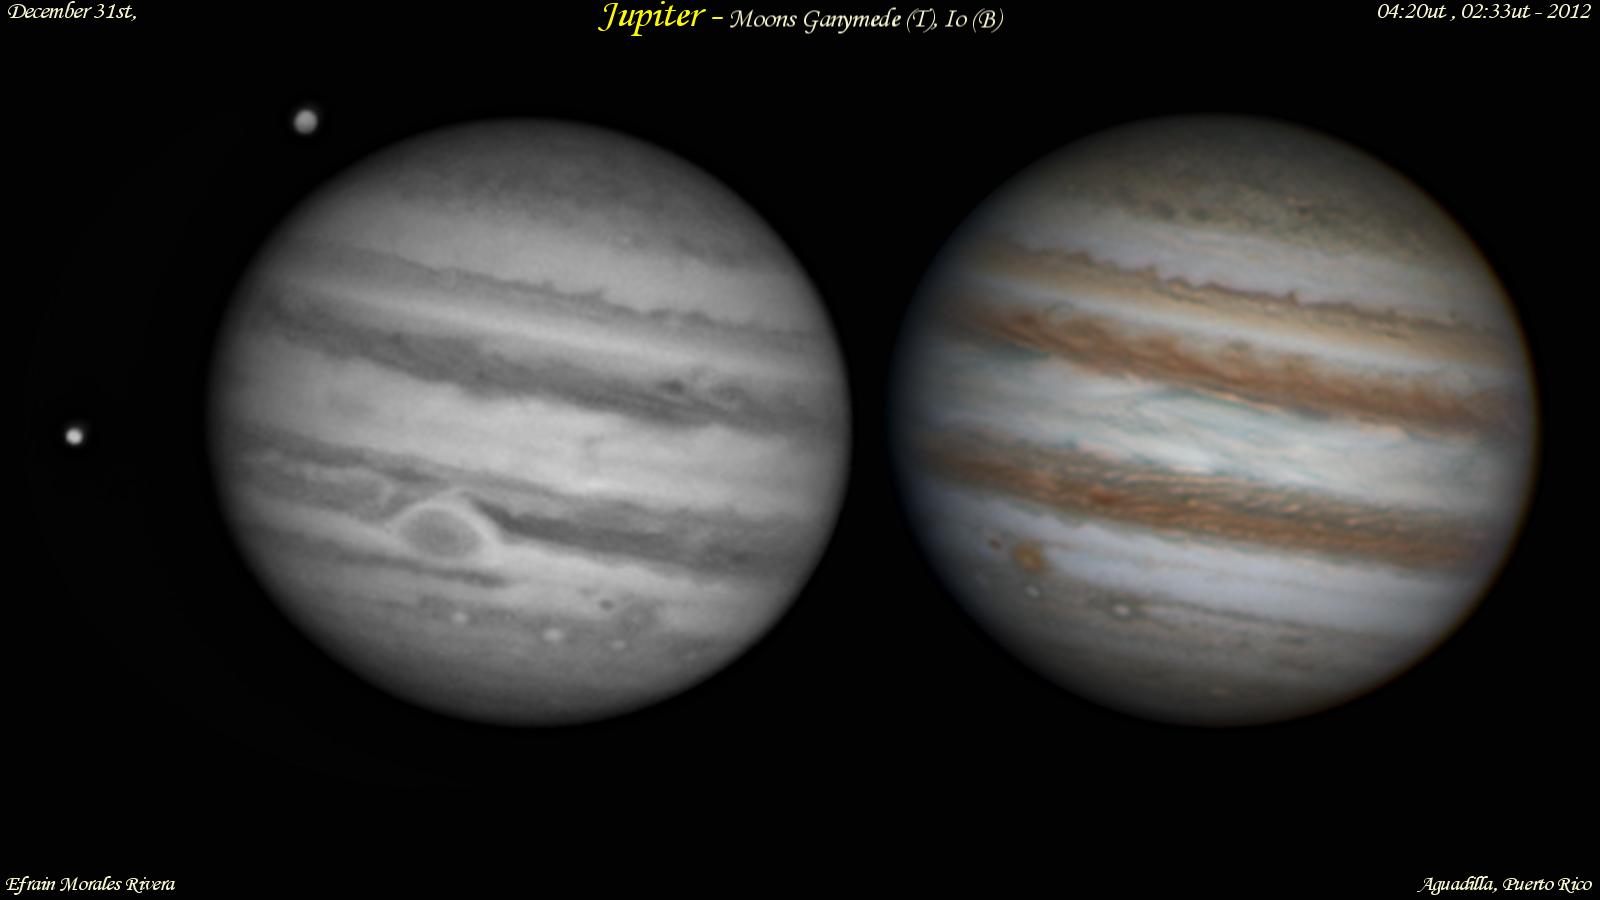 Ganymede and Io